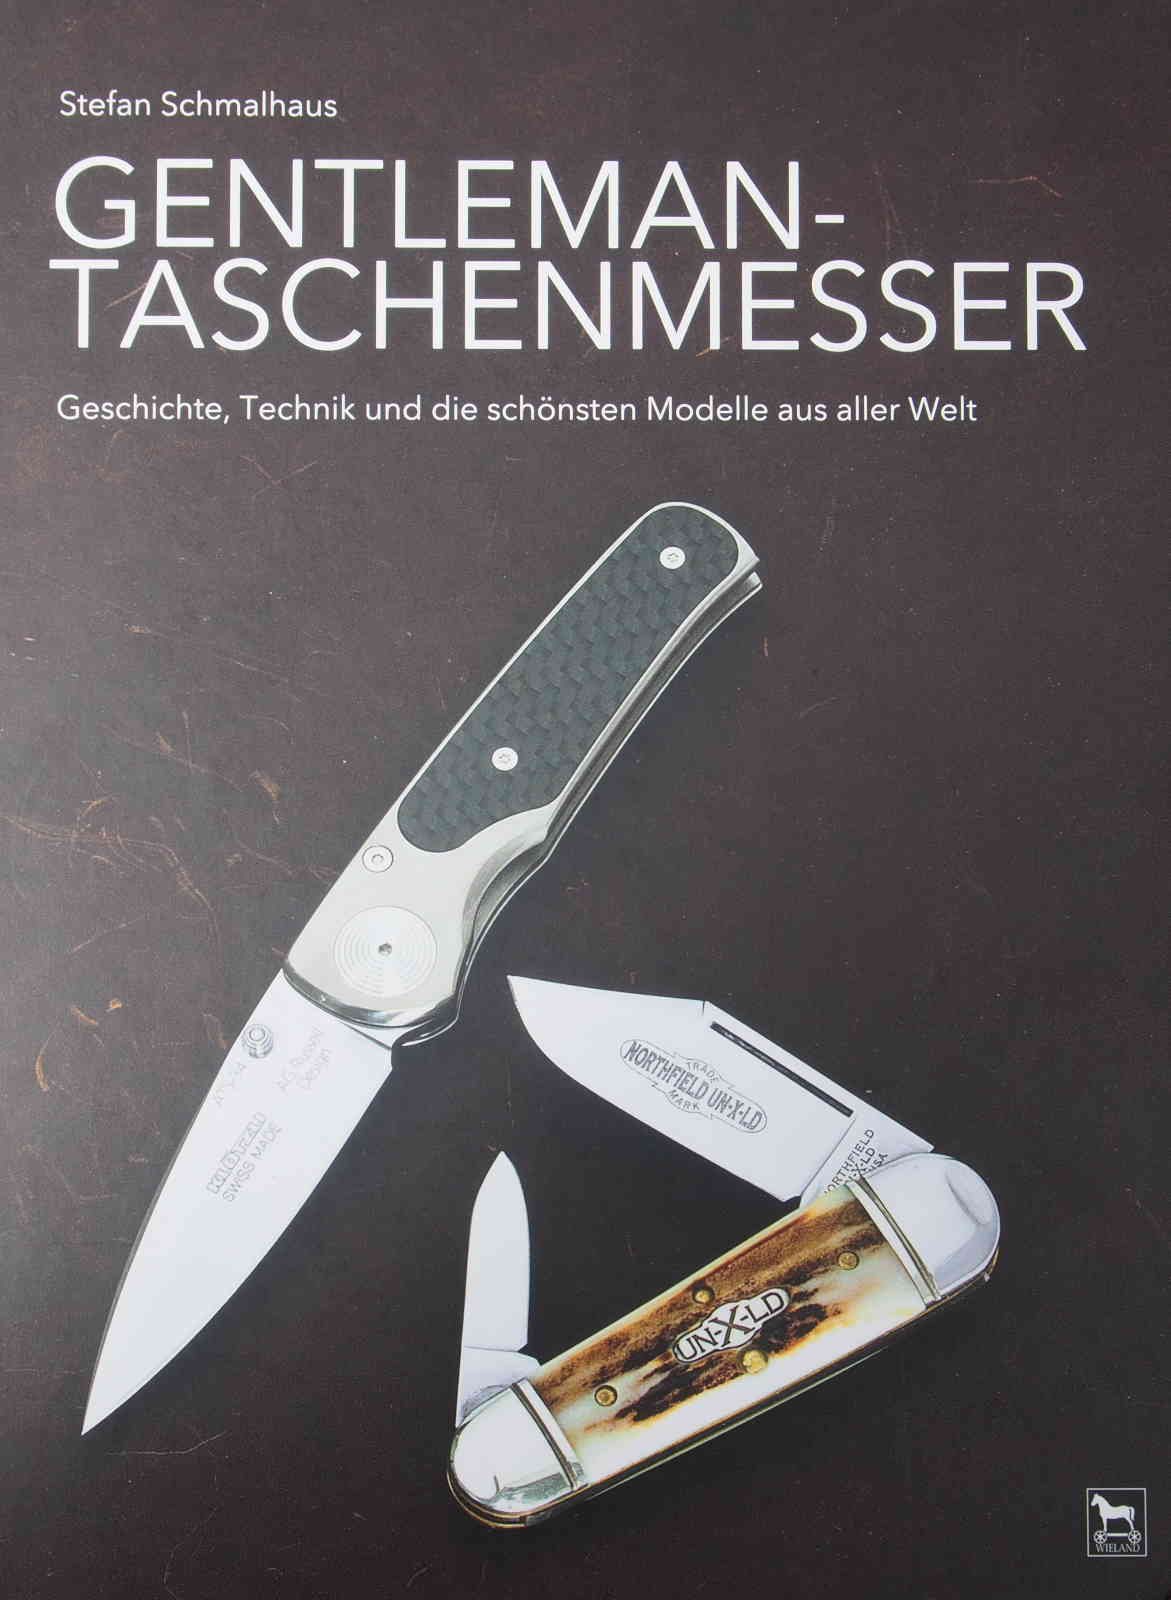 Stefan Schmalhaus - Gentleman-Taschenmesser